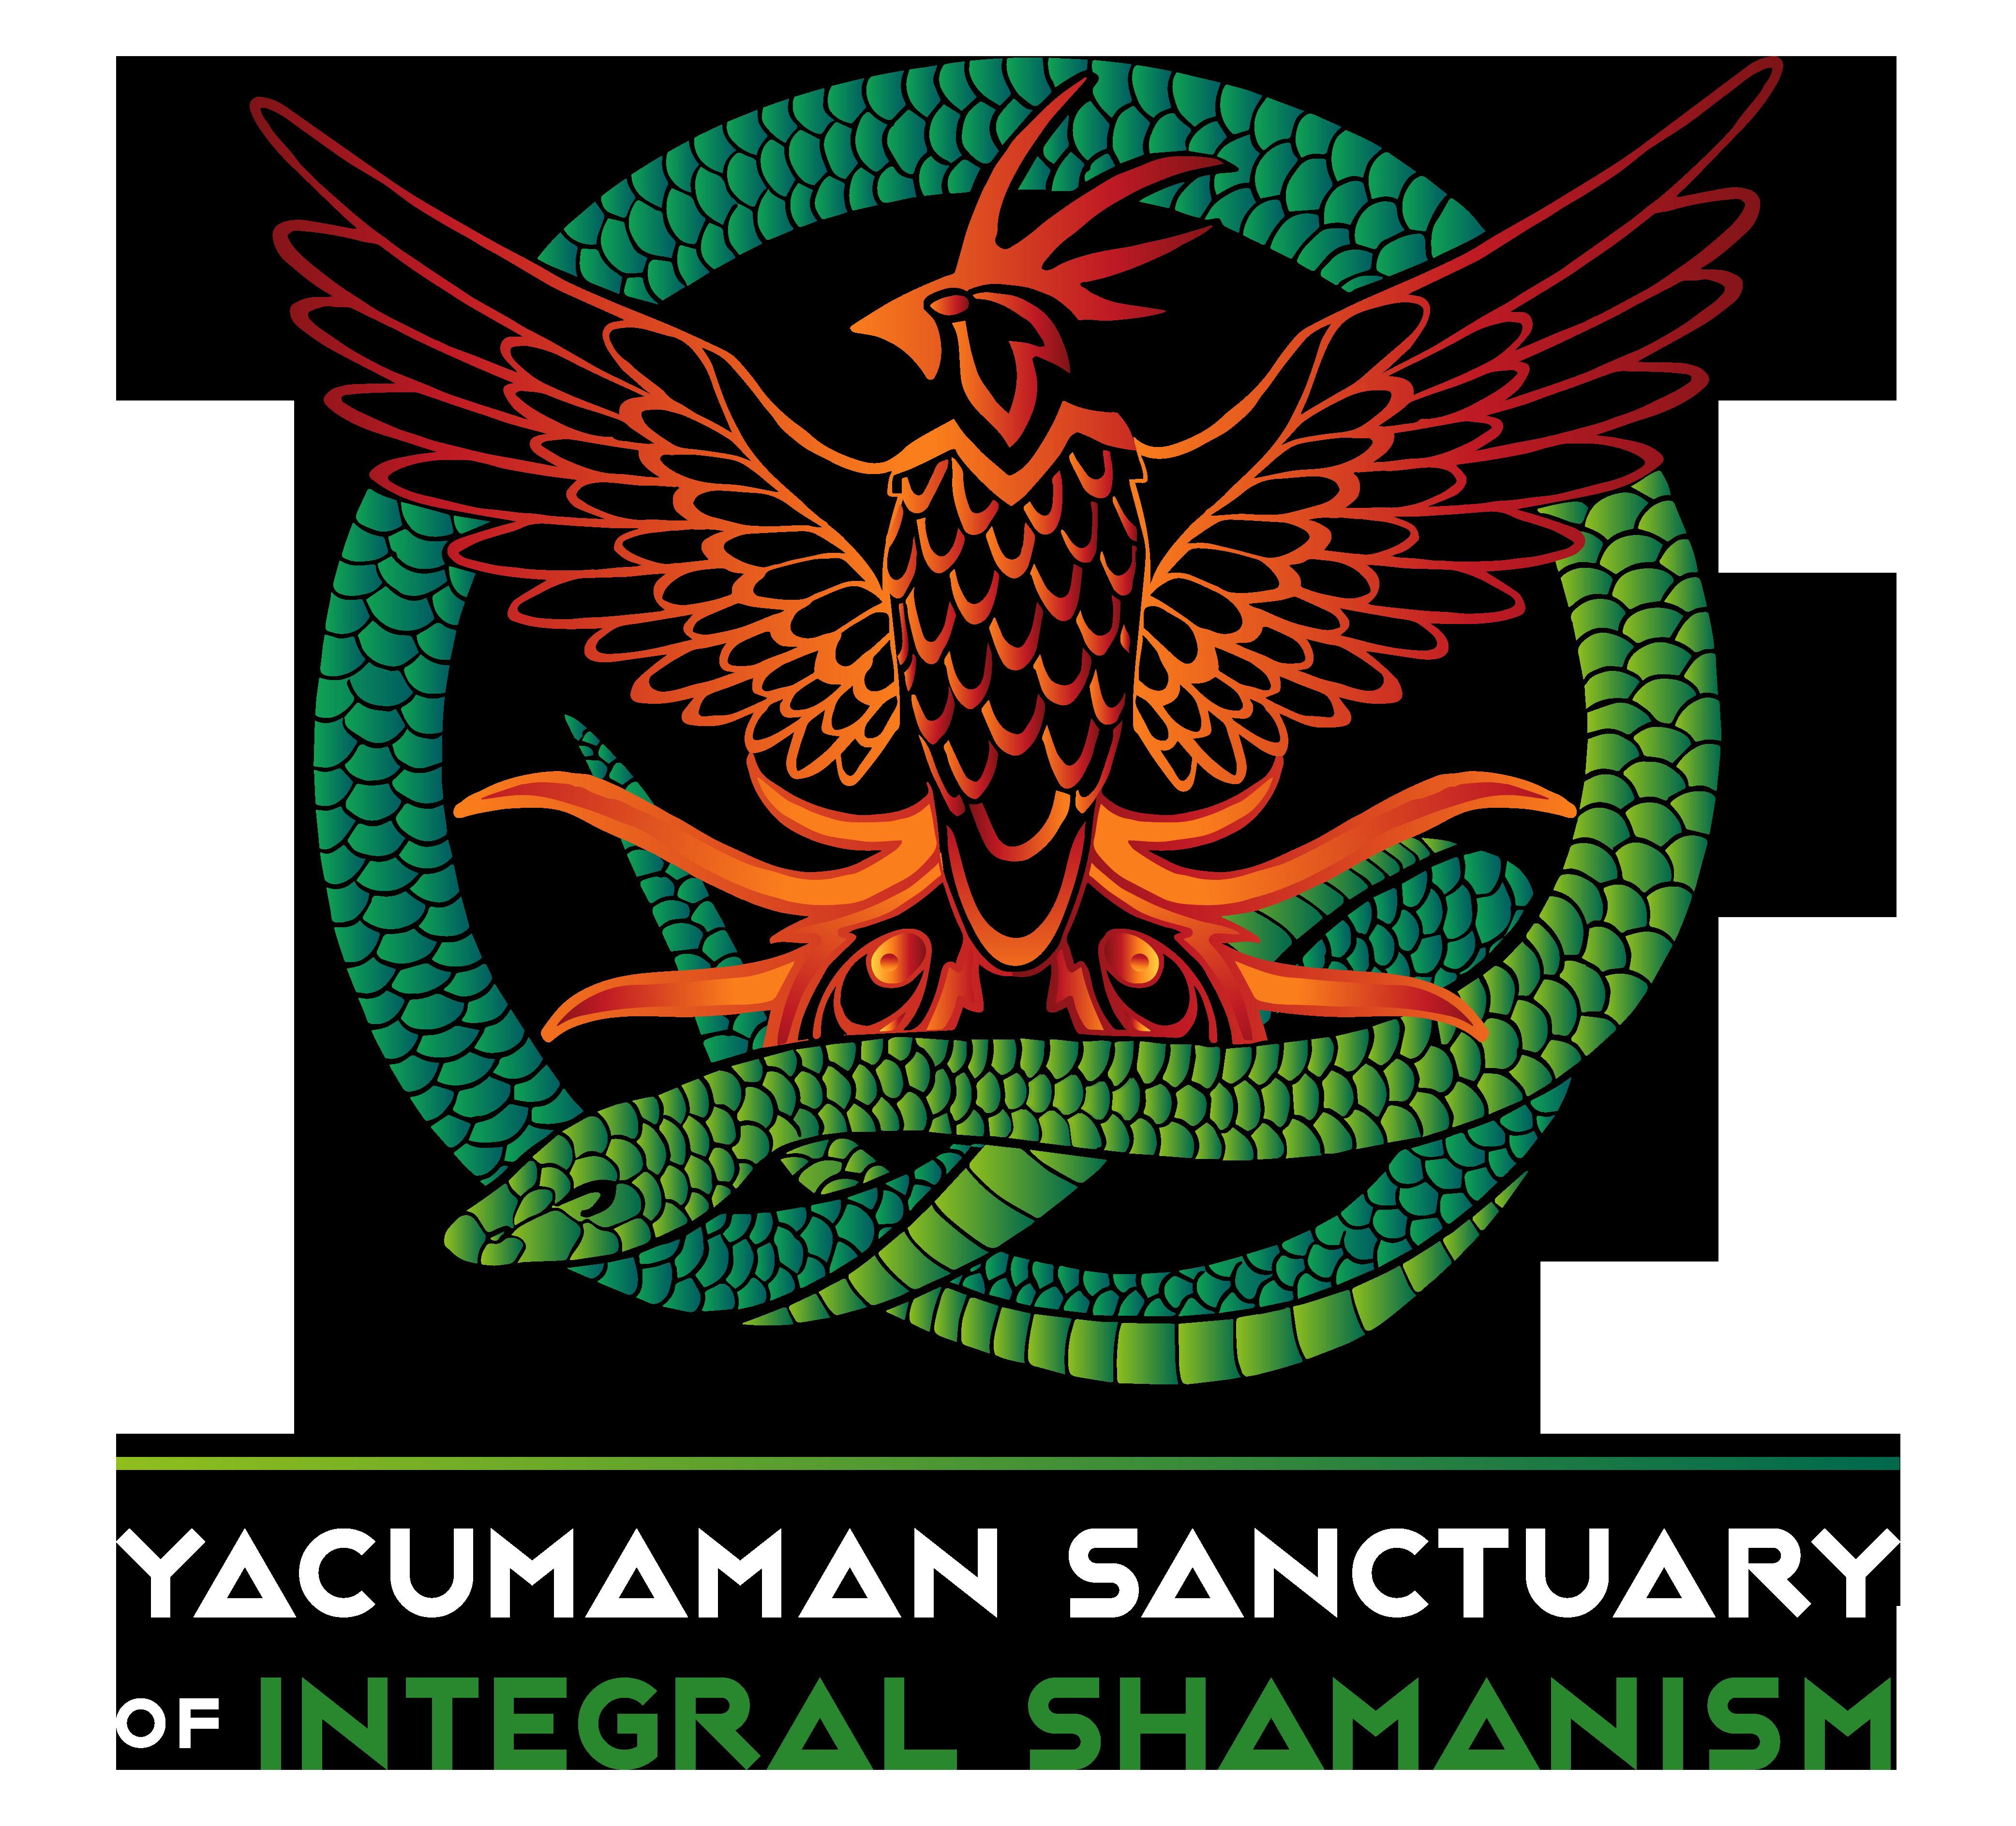 Yacumaman Sanctuary